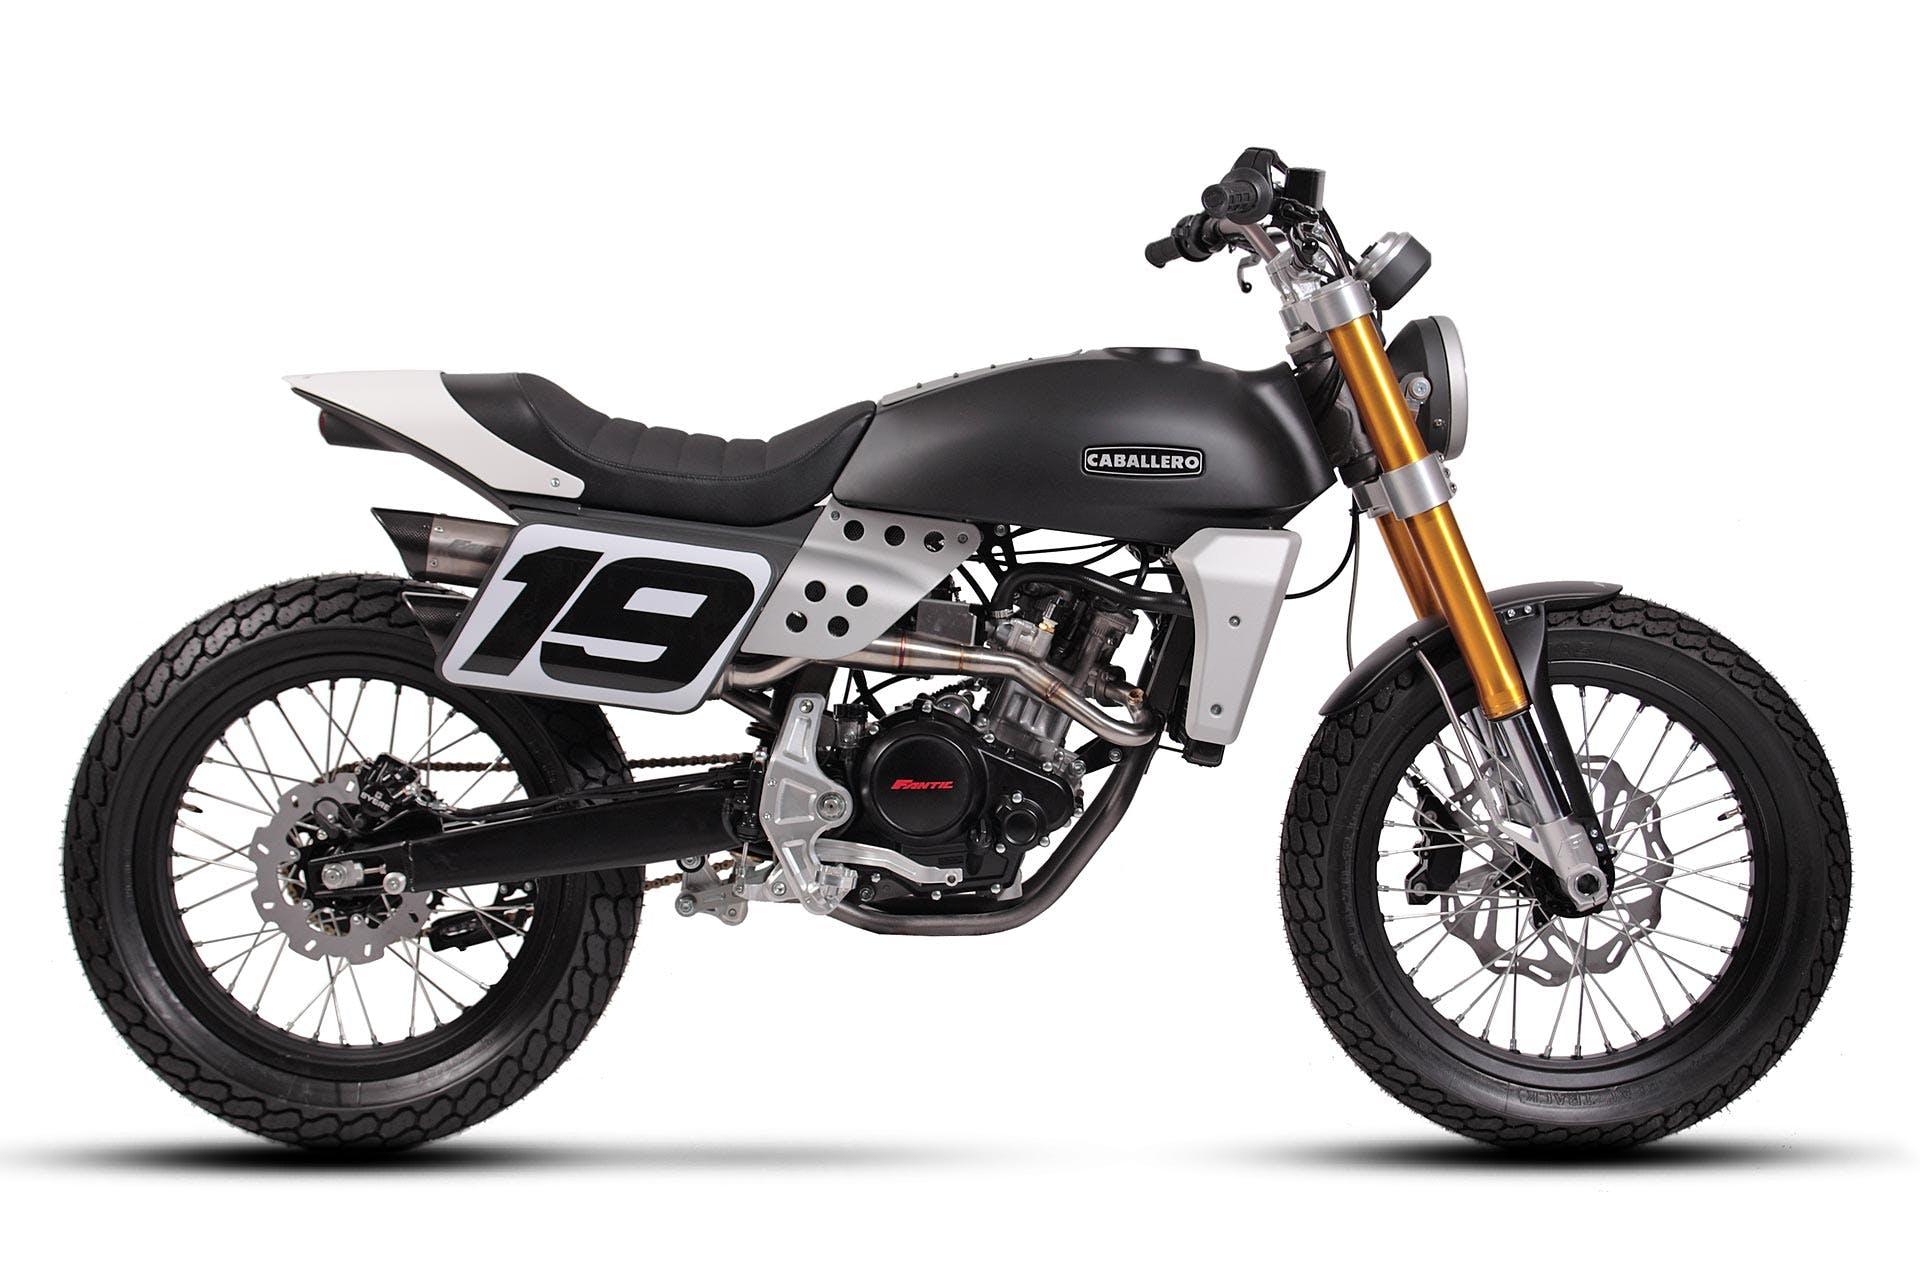 Fantic Caballero 125 Migliori moto 125